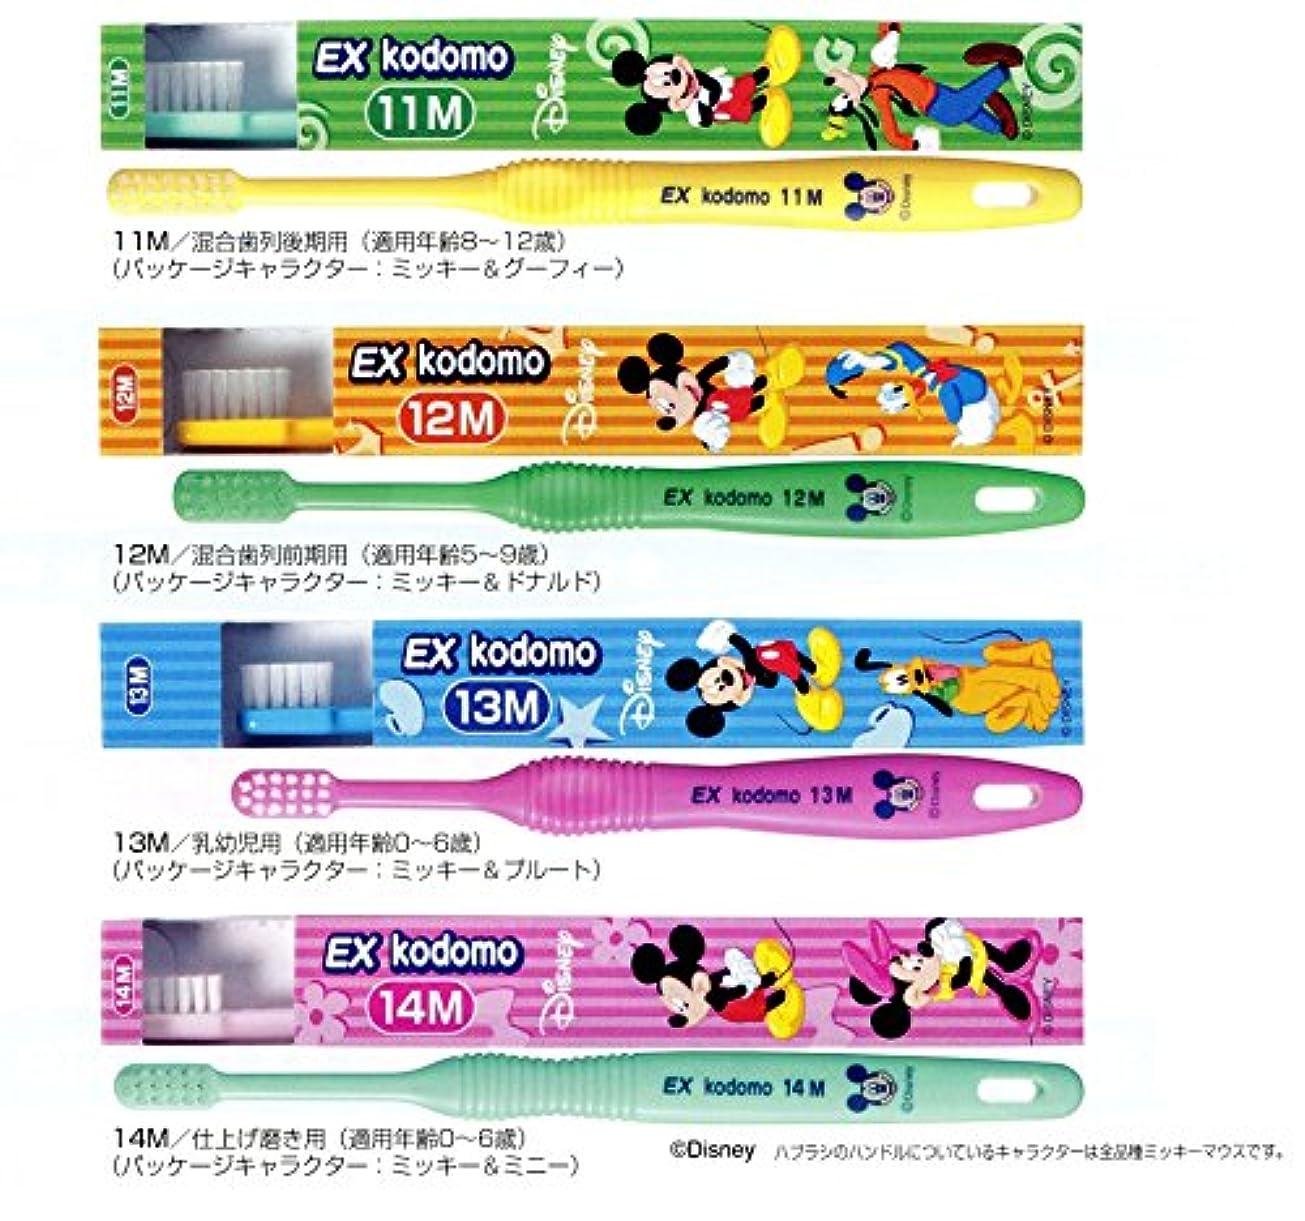 芸術車両記念品ライオン コドモ ディズニー DENT.EX kodomo Disney 1本 11M イエロー (8?12歳)